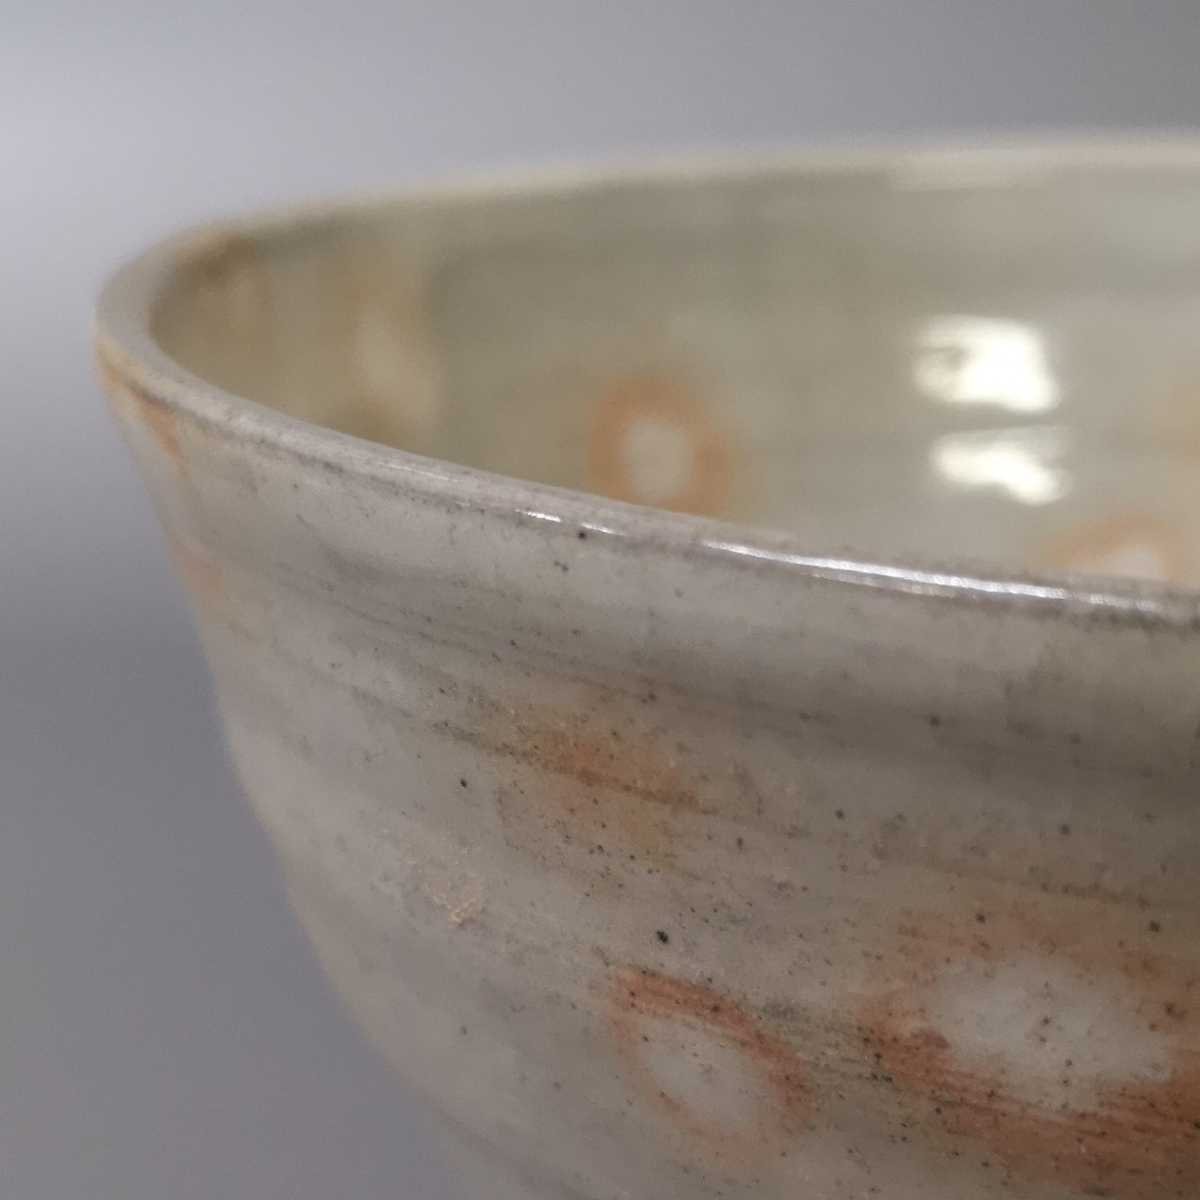 想28)萩焼 山根清玩 御飯茶碗 飯碗 未使用新品 同梱歓迎_画像9